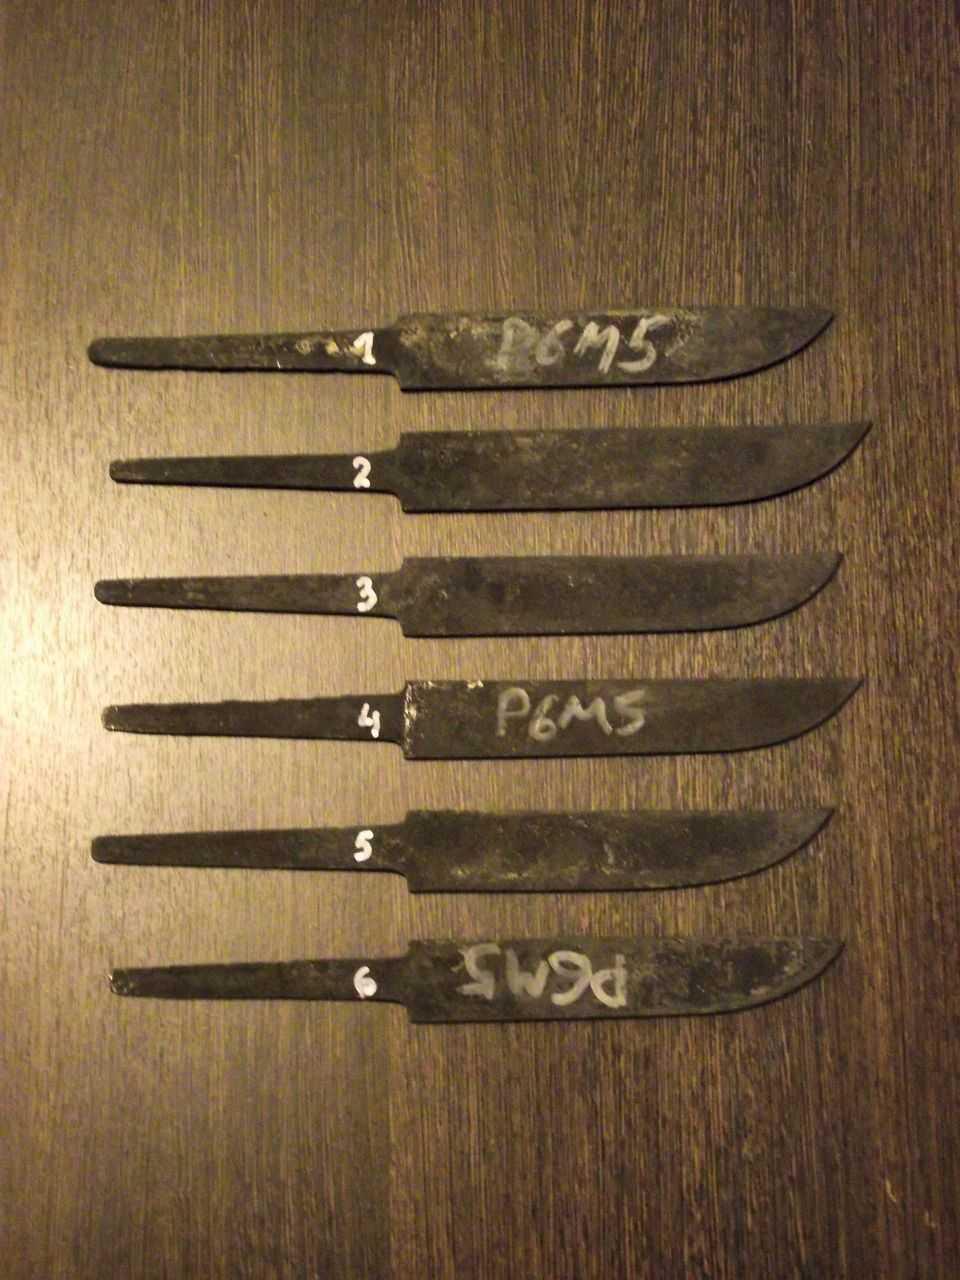 заготовки ножей р6м5